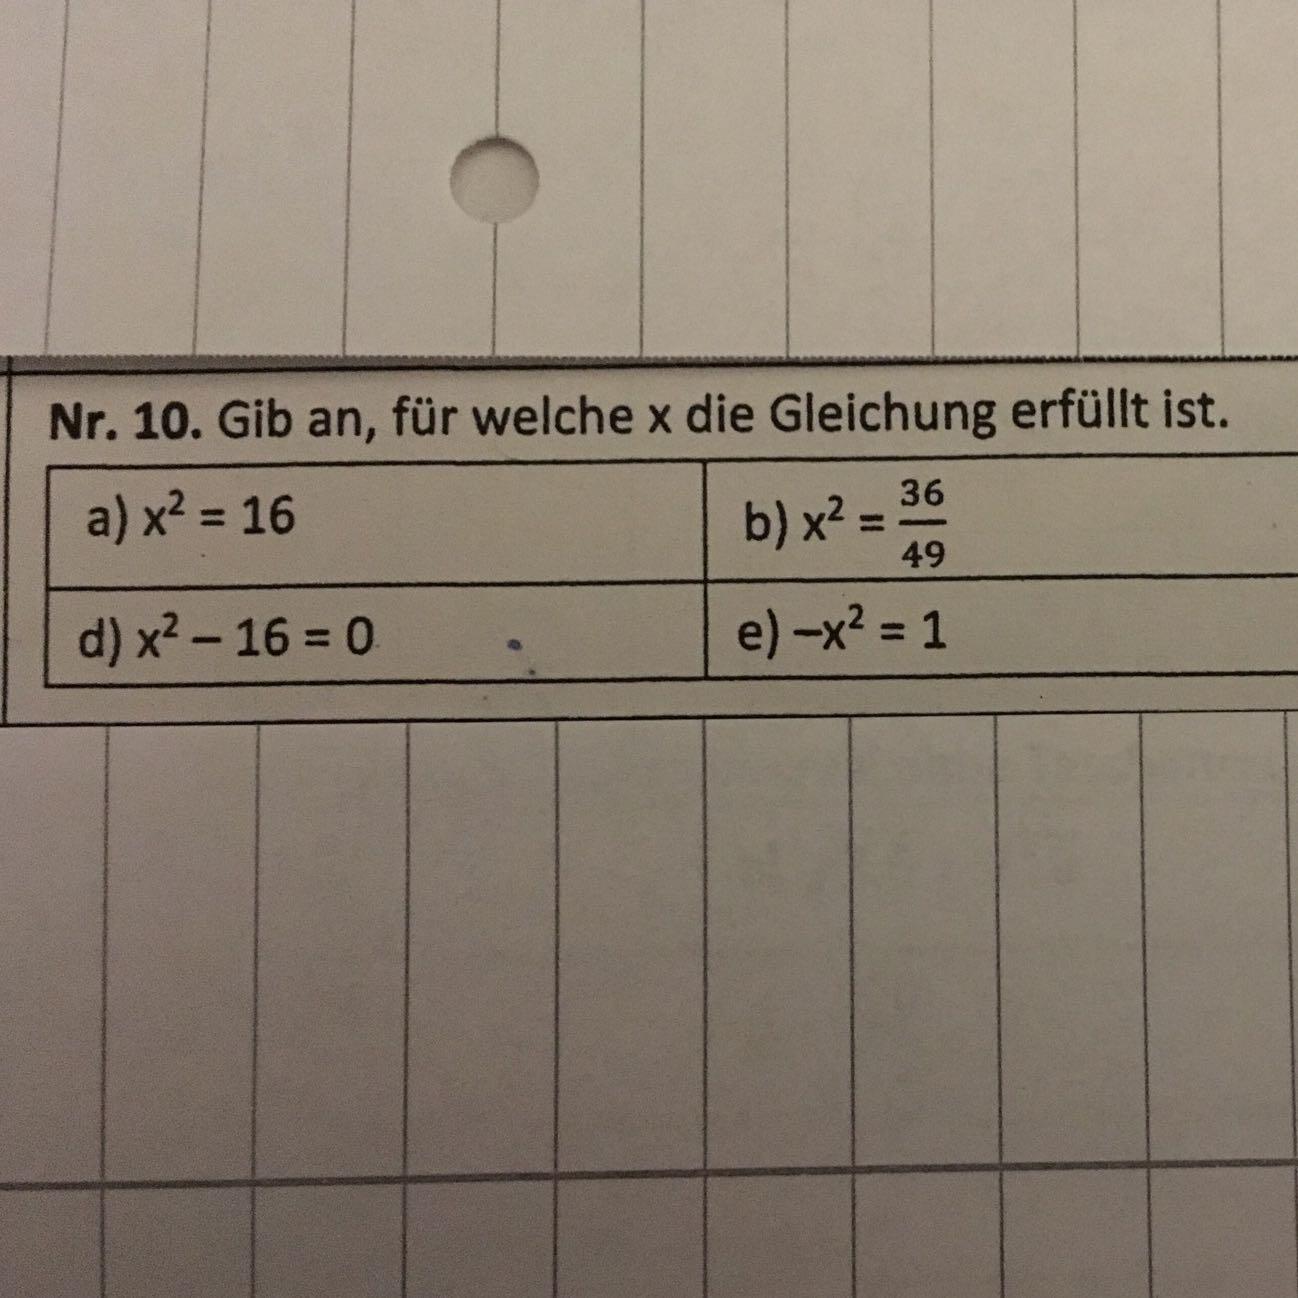 Hilfe bei Mathe Problem (Gleichung mit X)? (Schule, Aufgabe ...